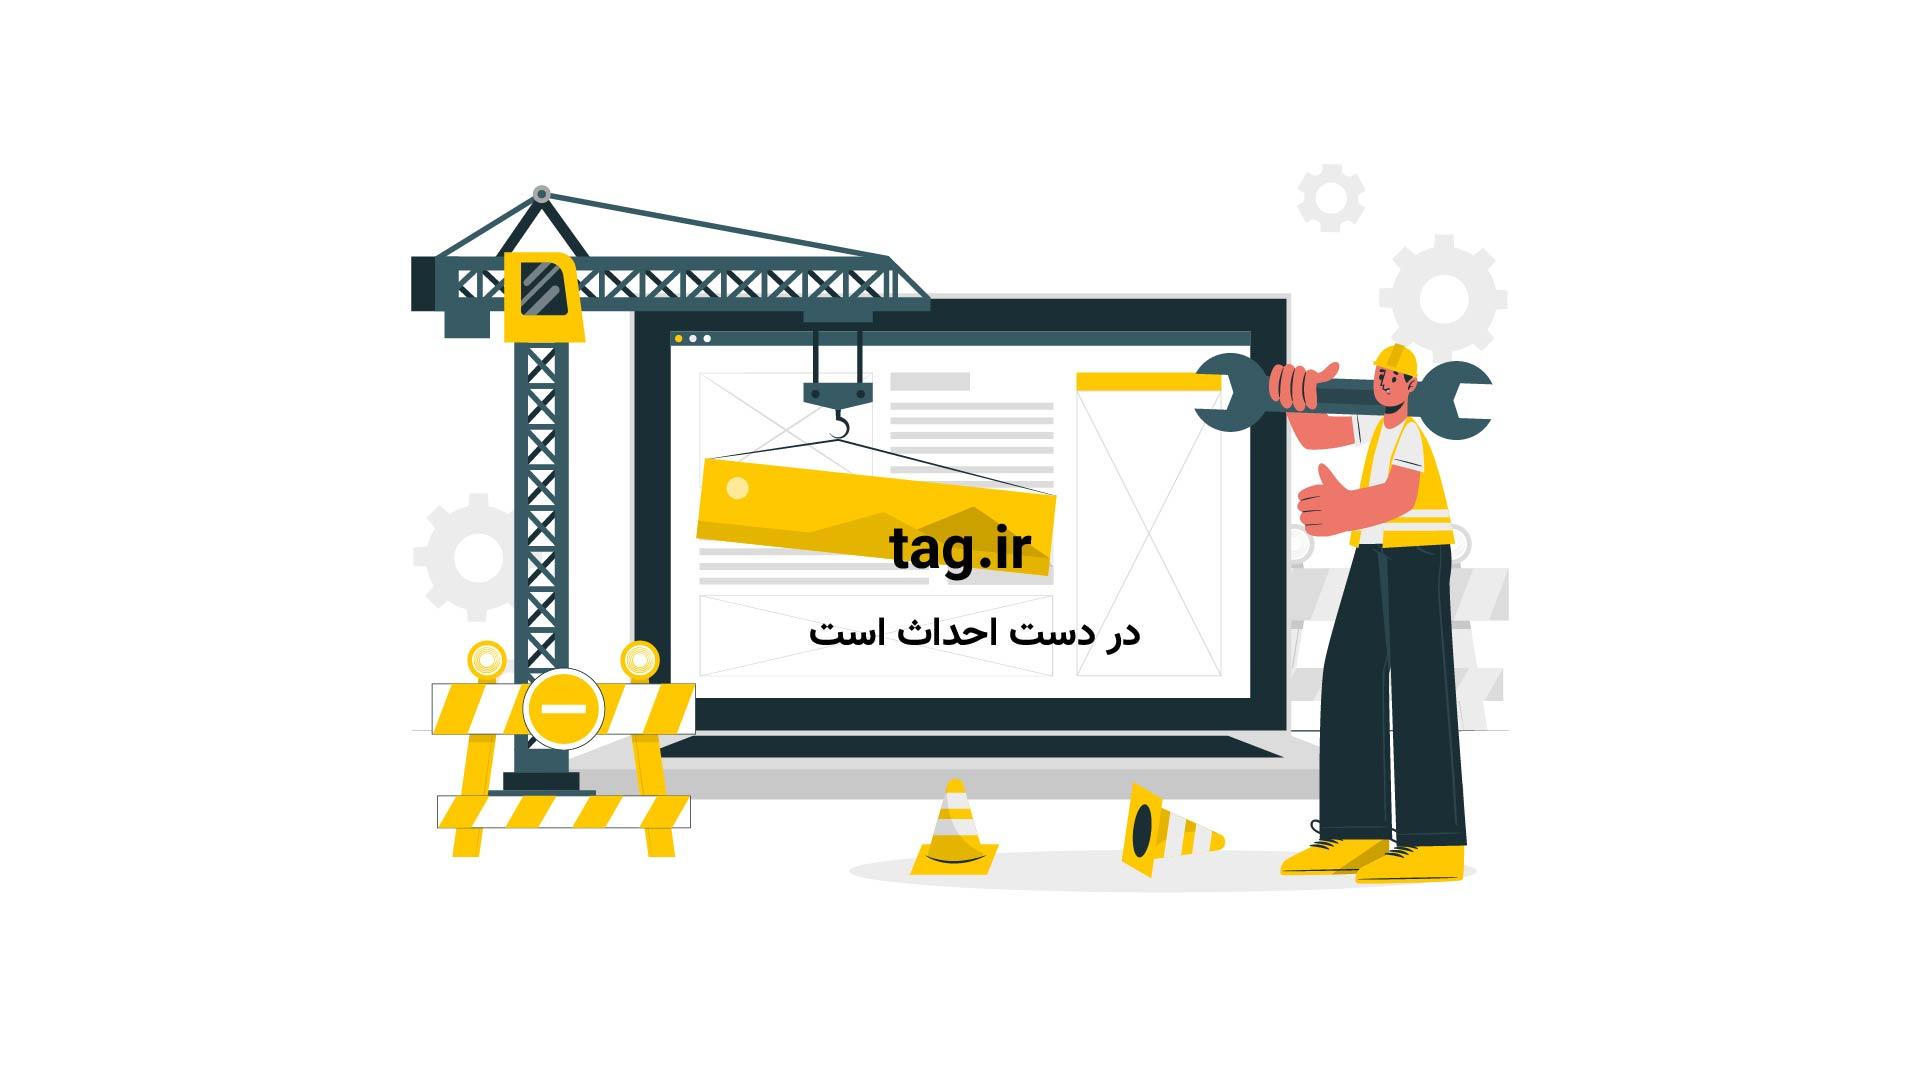 آخرین وضعیت بارش برف و باران در کشور | فیلم